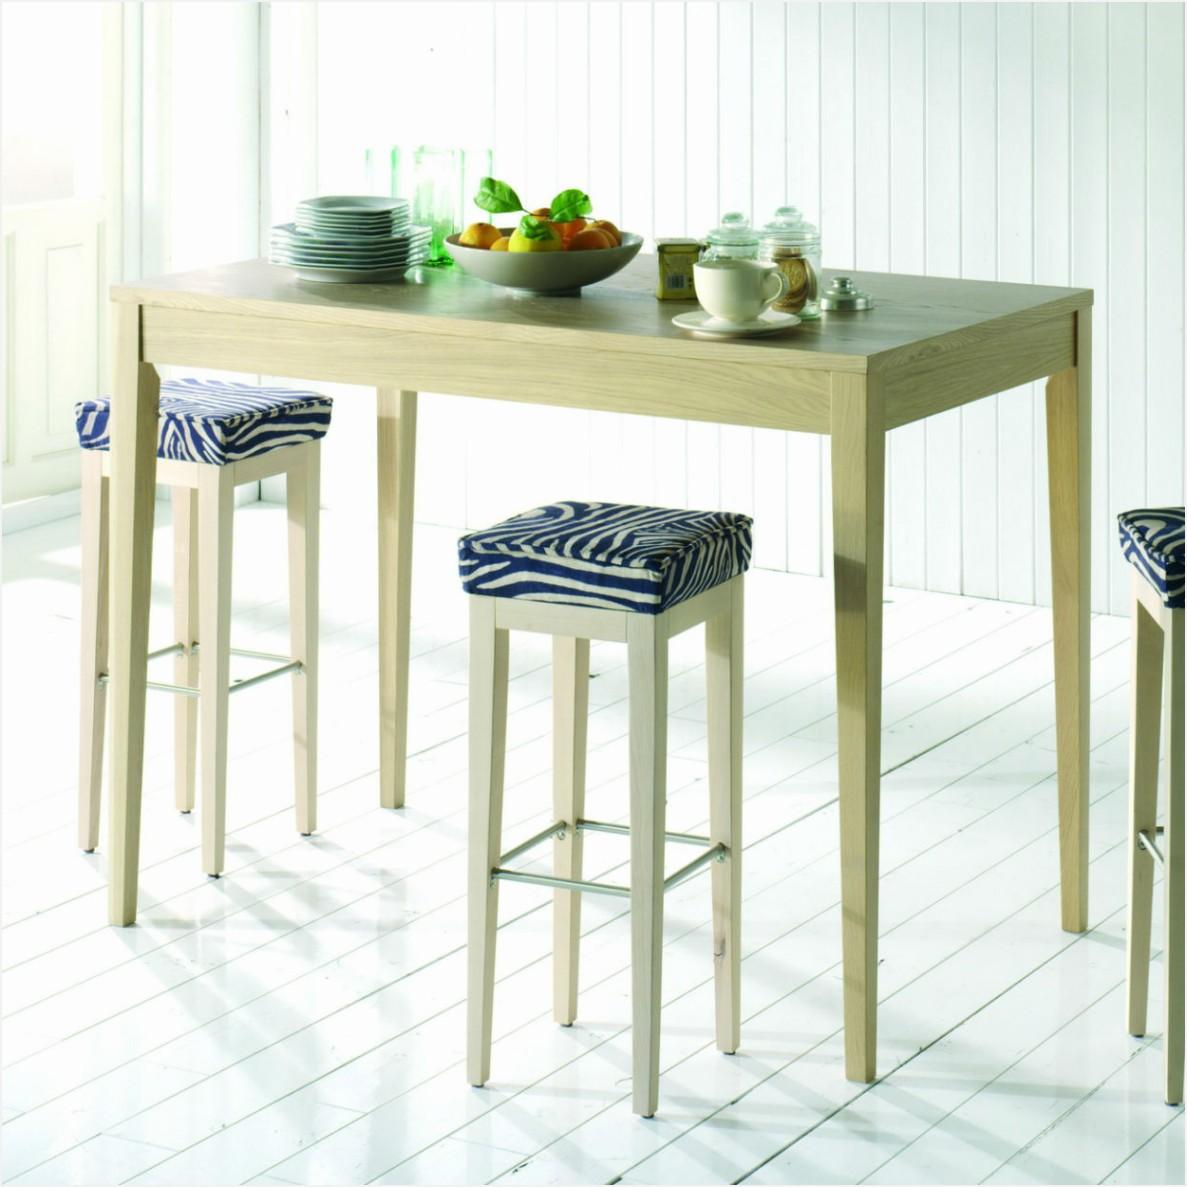 Table cuisine haute avec tabouret Table haute avec tabouret pour cuisine